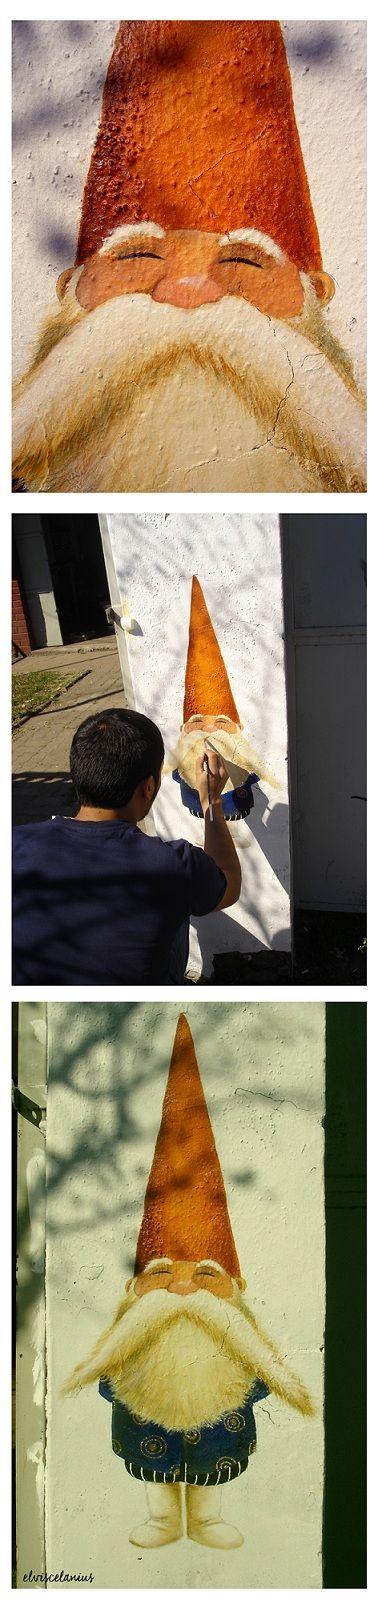 Gnomo al estilo del holandés Rien poortvliet, pintado en el año 2010 en un pilar, casi en la esquina de las calles Walker Martinez con García Hurtado de Mendoza, en la comuna de La Florida. Hoy, creo que existe un almacén allí.